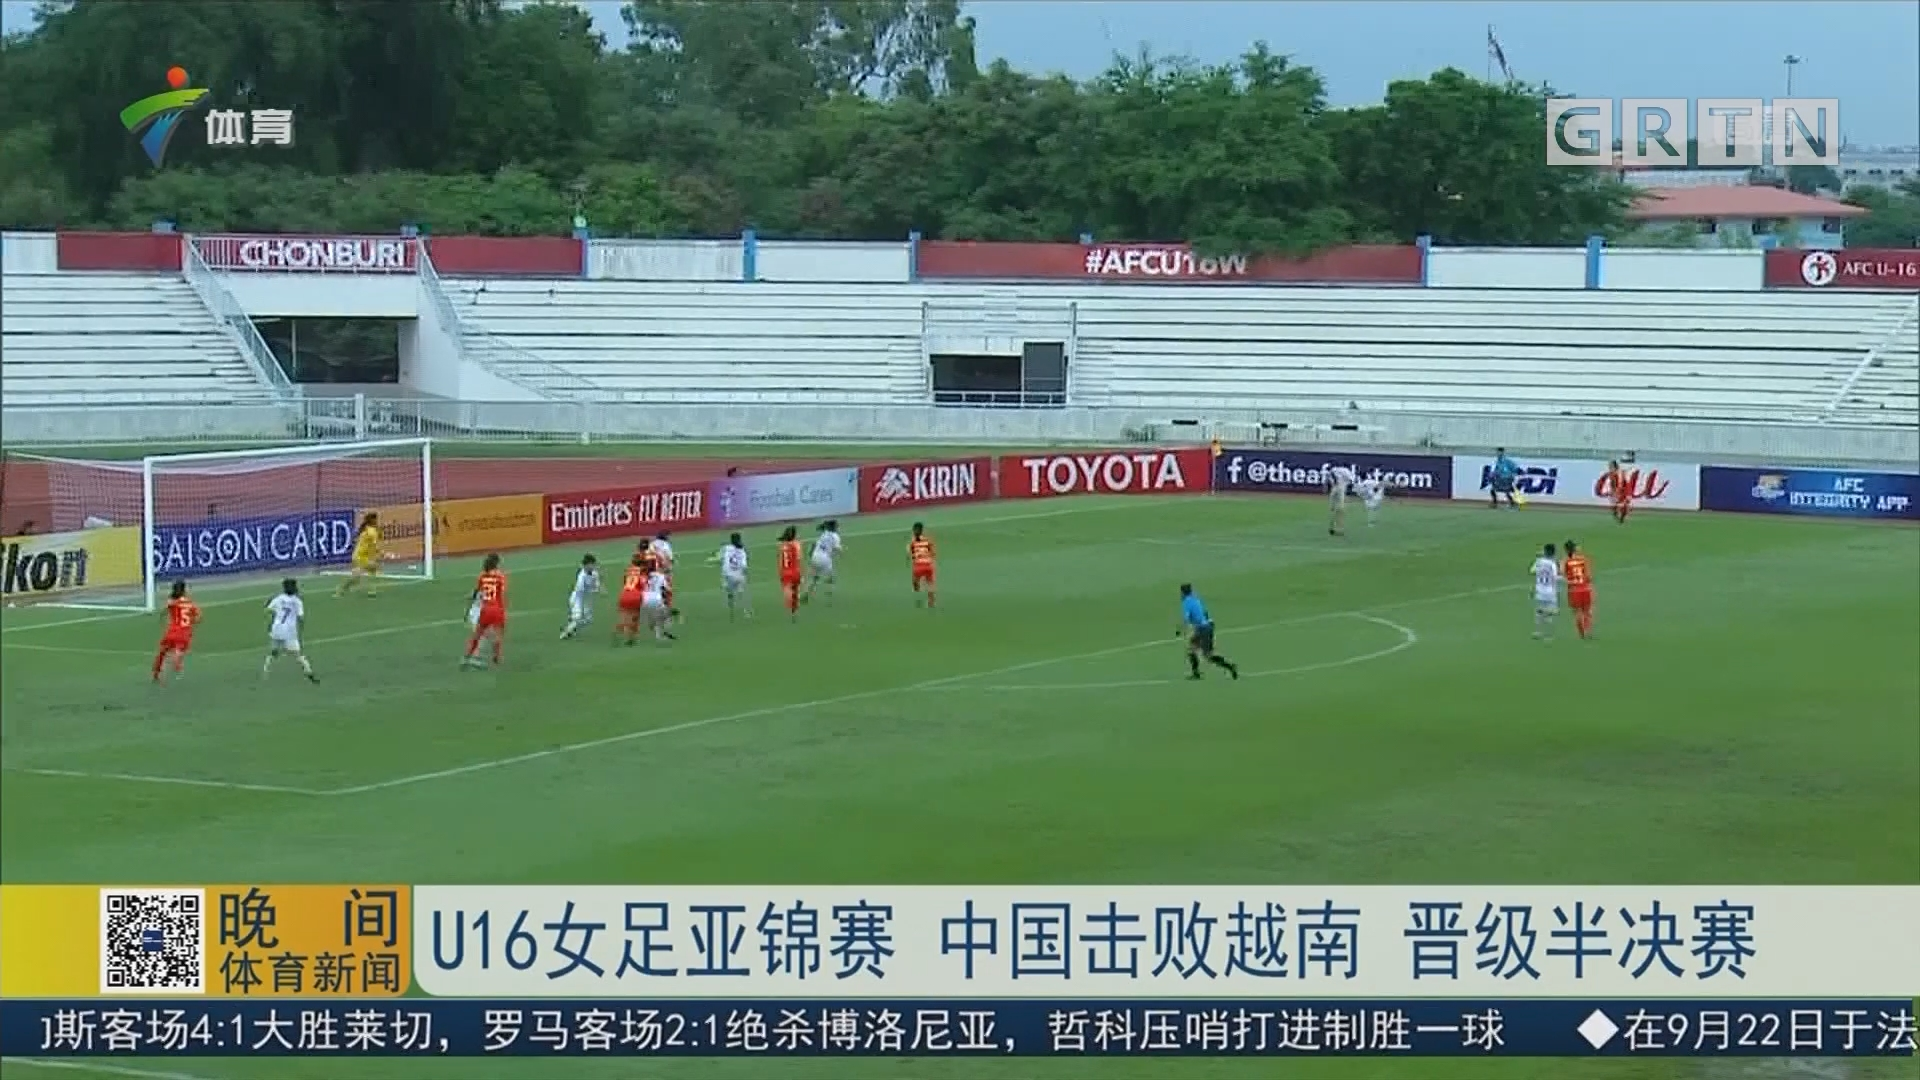 U16女足亚锦赛 中国击败越南 晋级半决赛